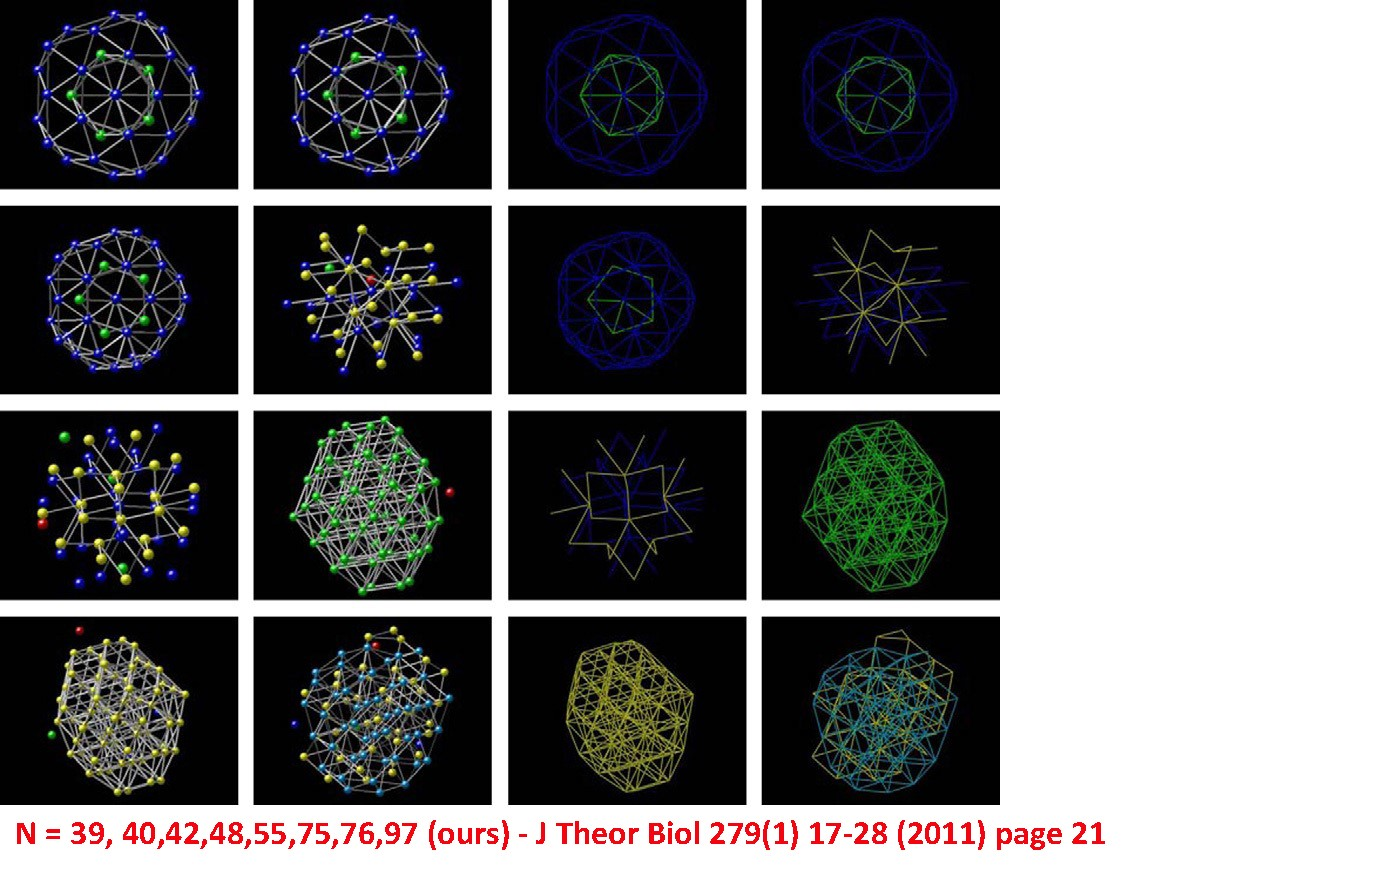 N = 39, 40,42,48,55,75,76,97 (ours) - J Theor Biol 279(1) 17-28 (2011) page 21.jpg